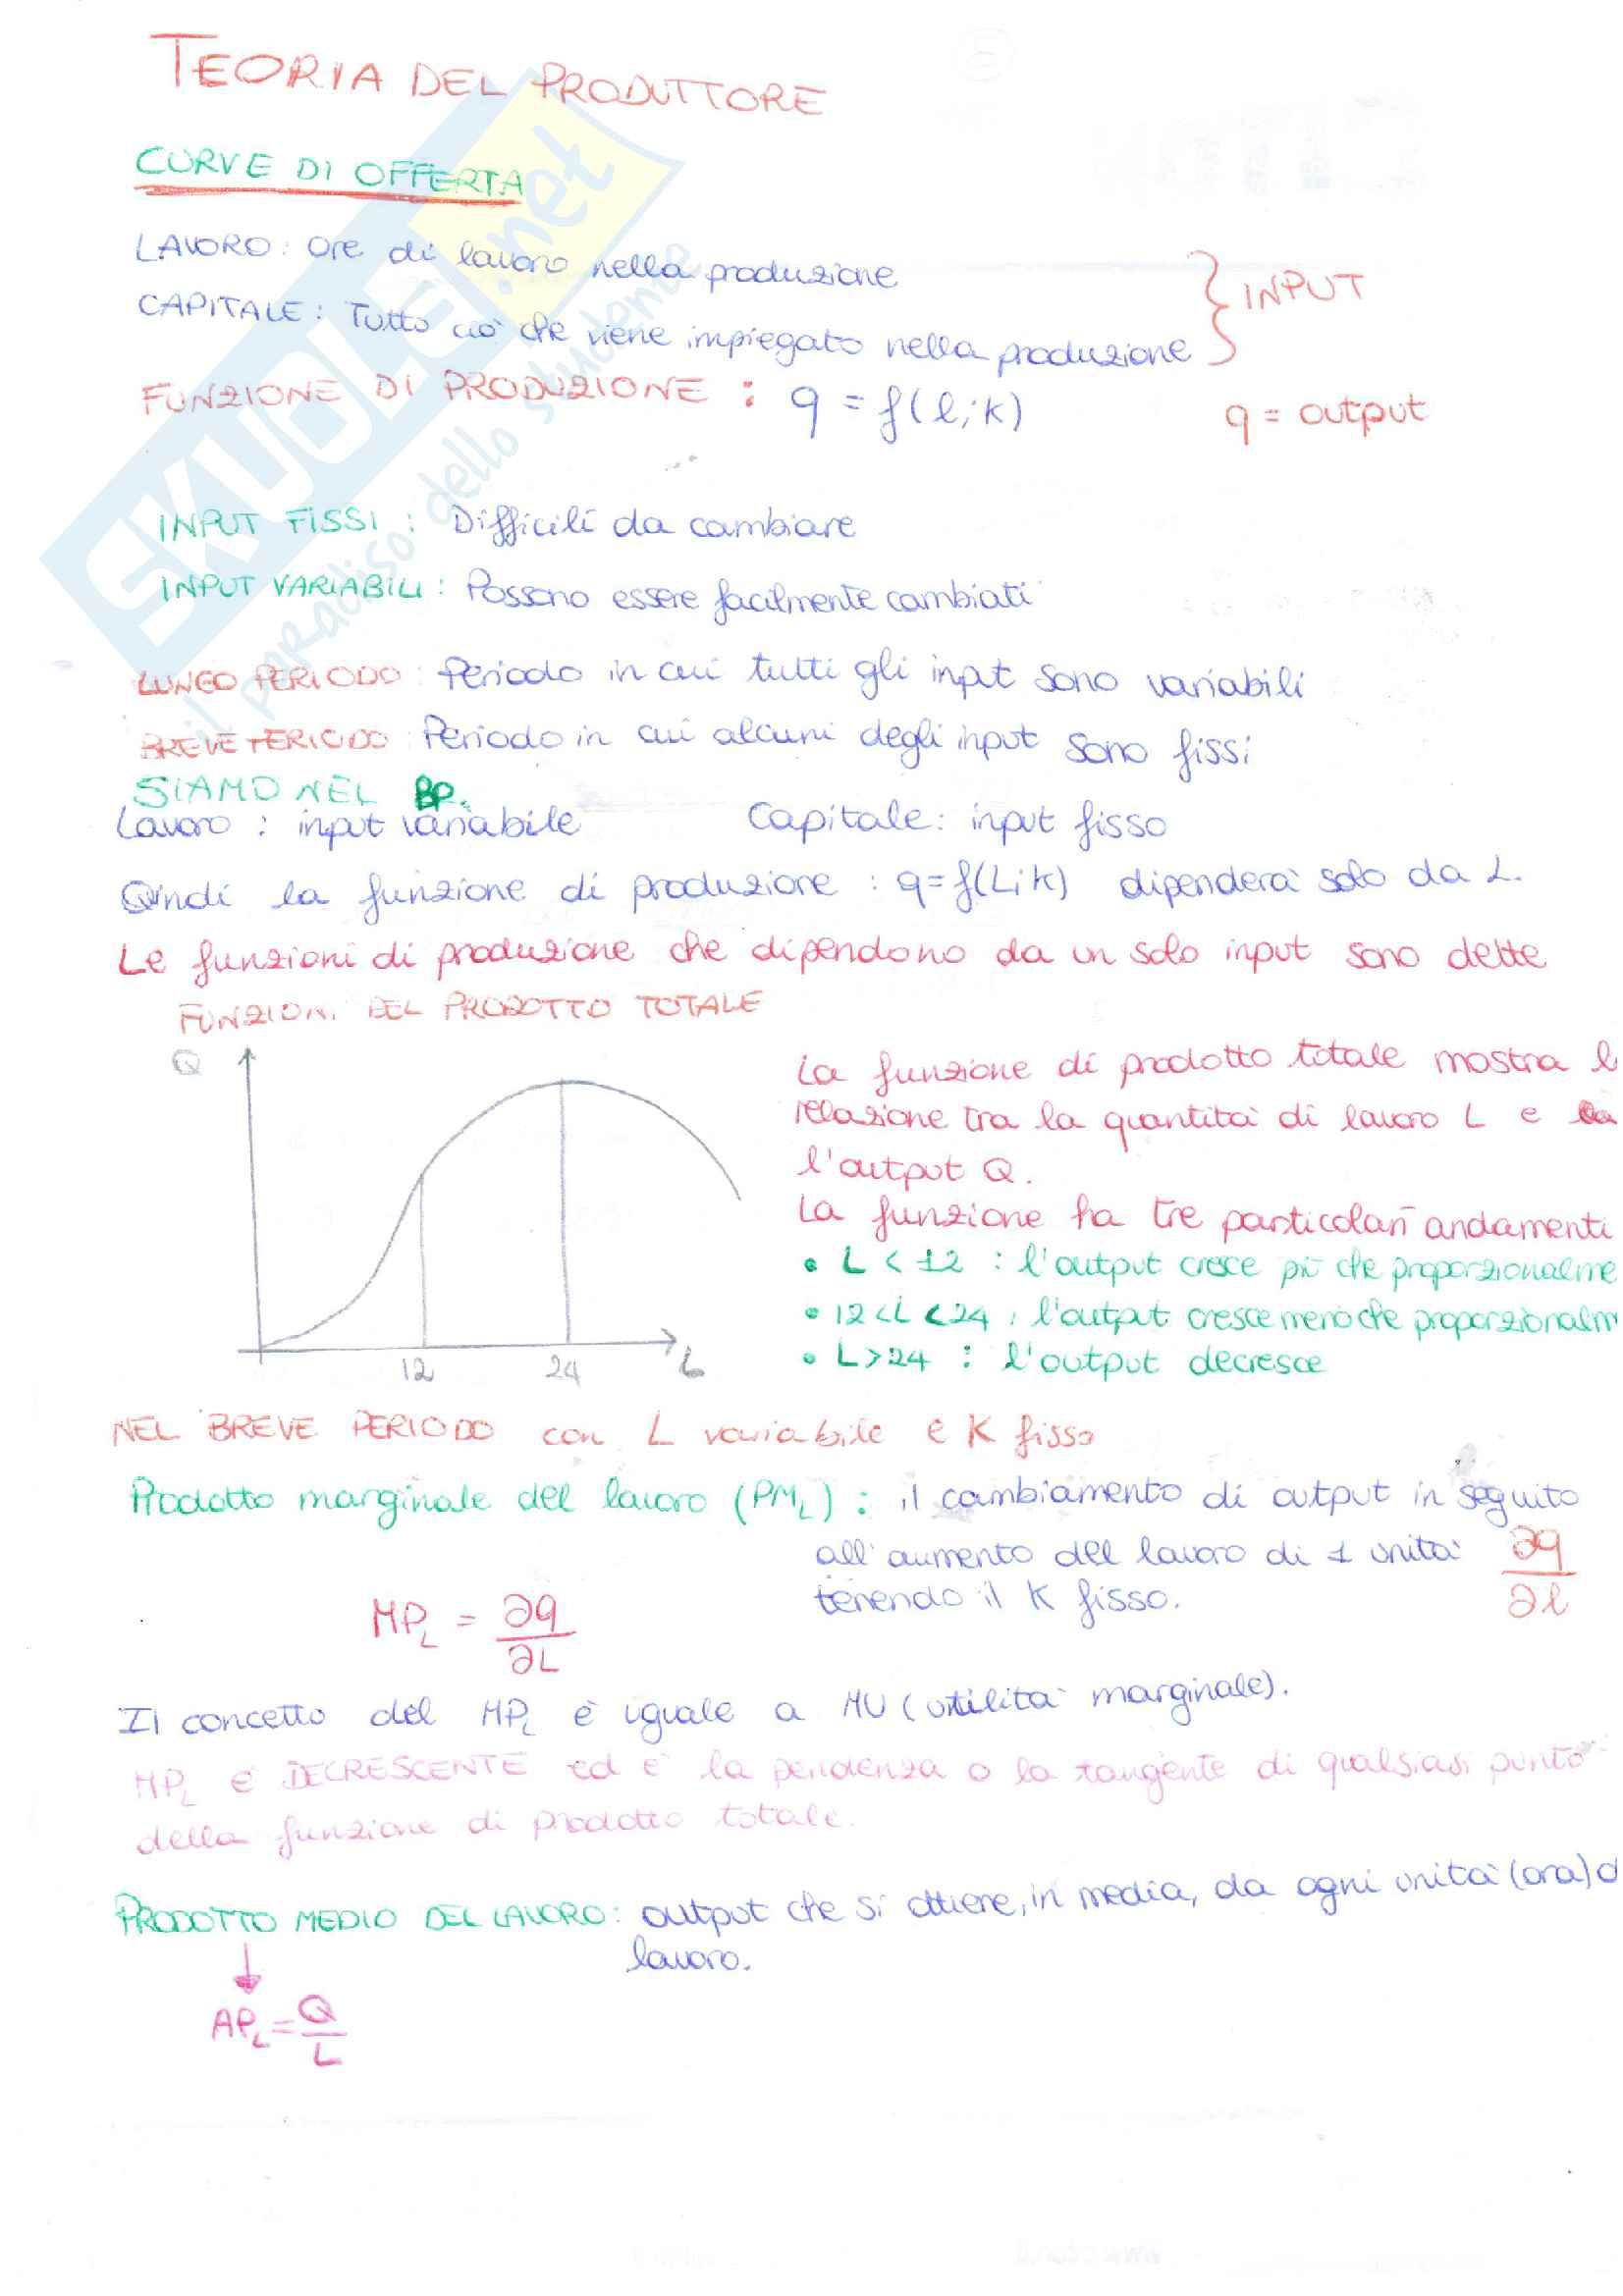 Appunti Microeconomia Pag. 6